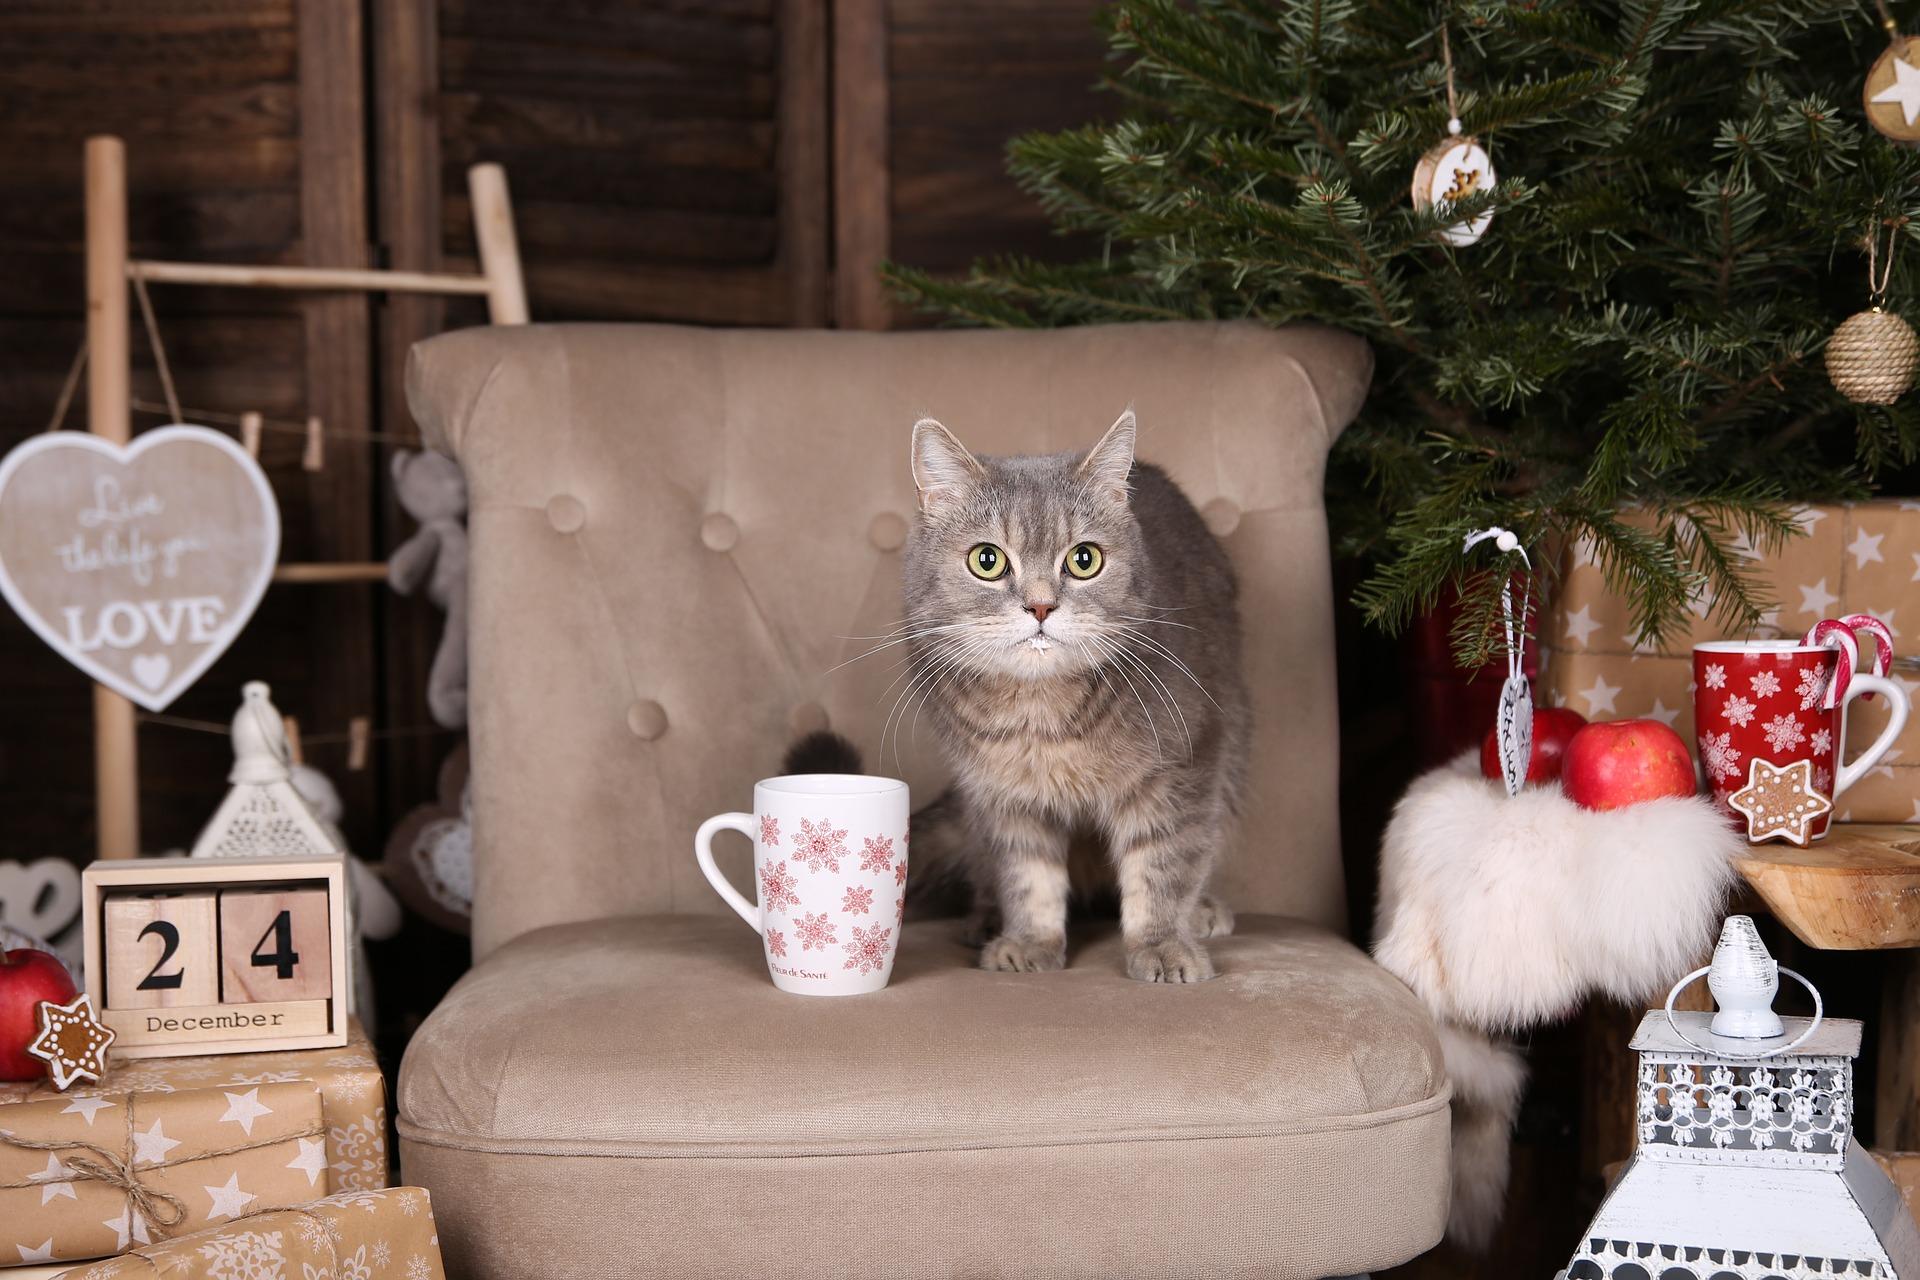 Świąteczny poradnik prezentów dla kotów. Czy masz już pomysł na prezent dla swojego mruczka?